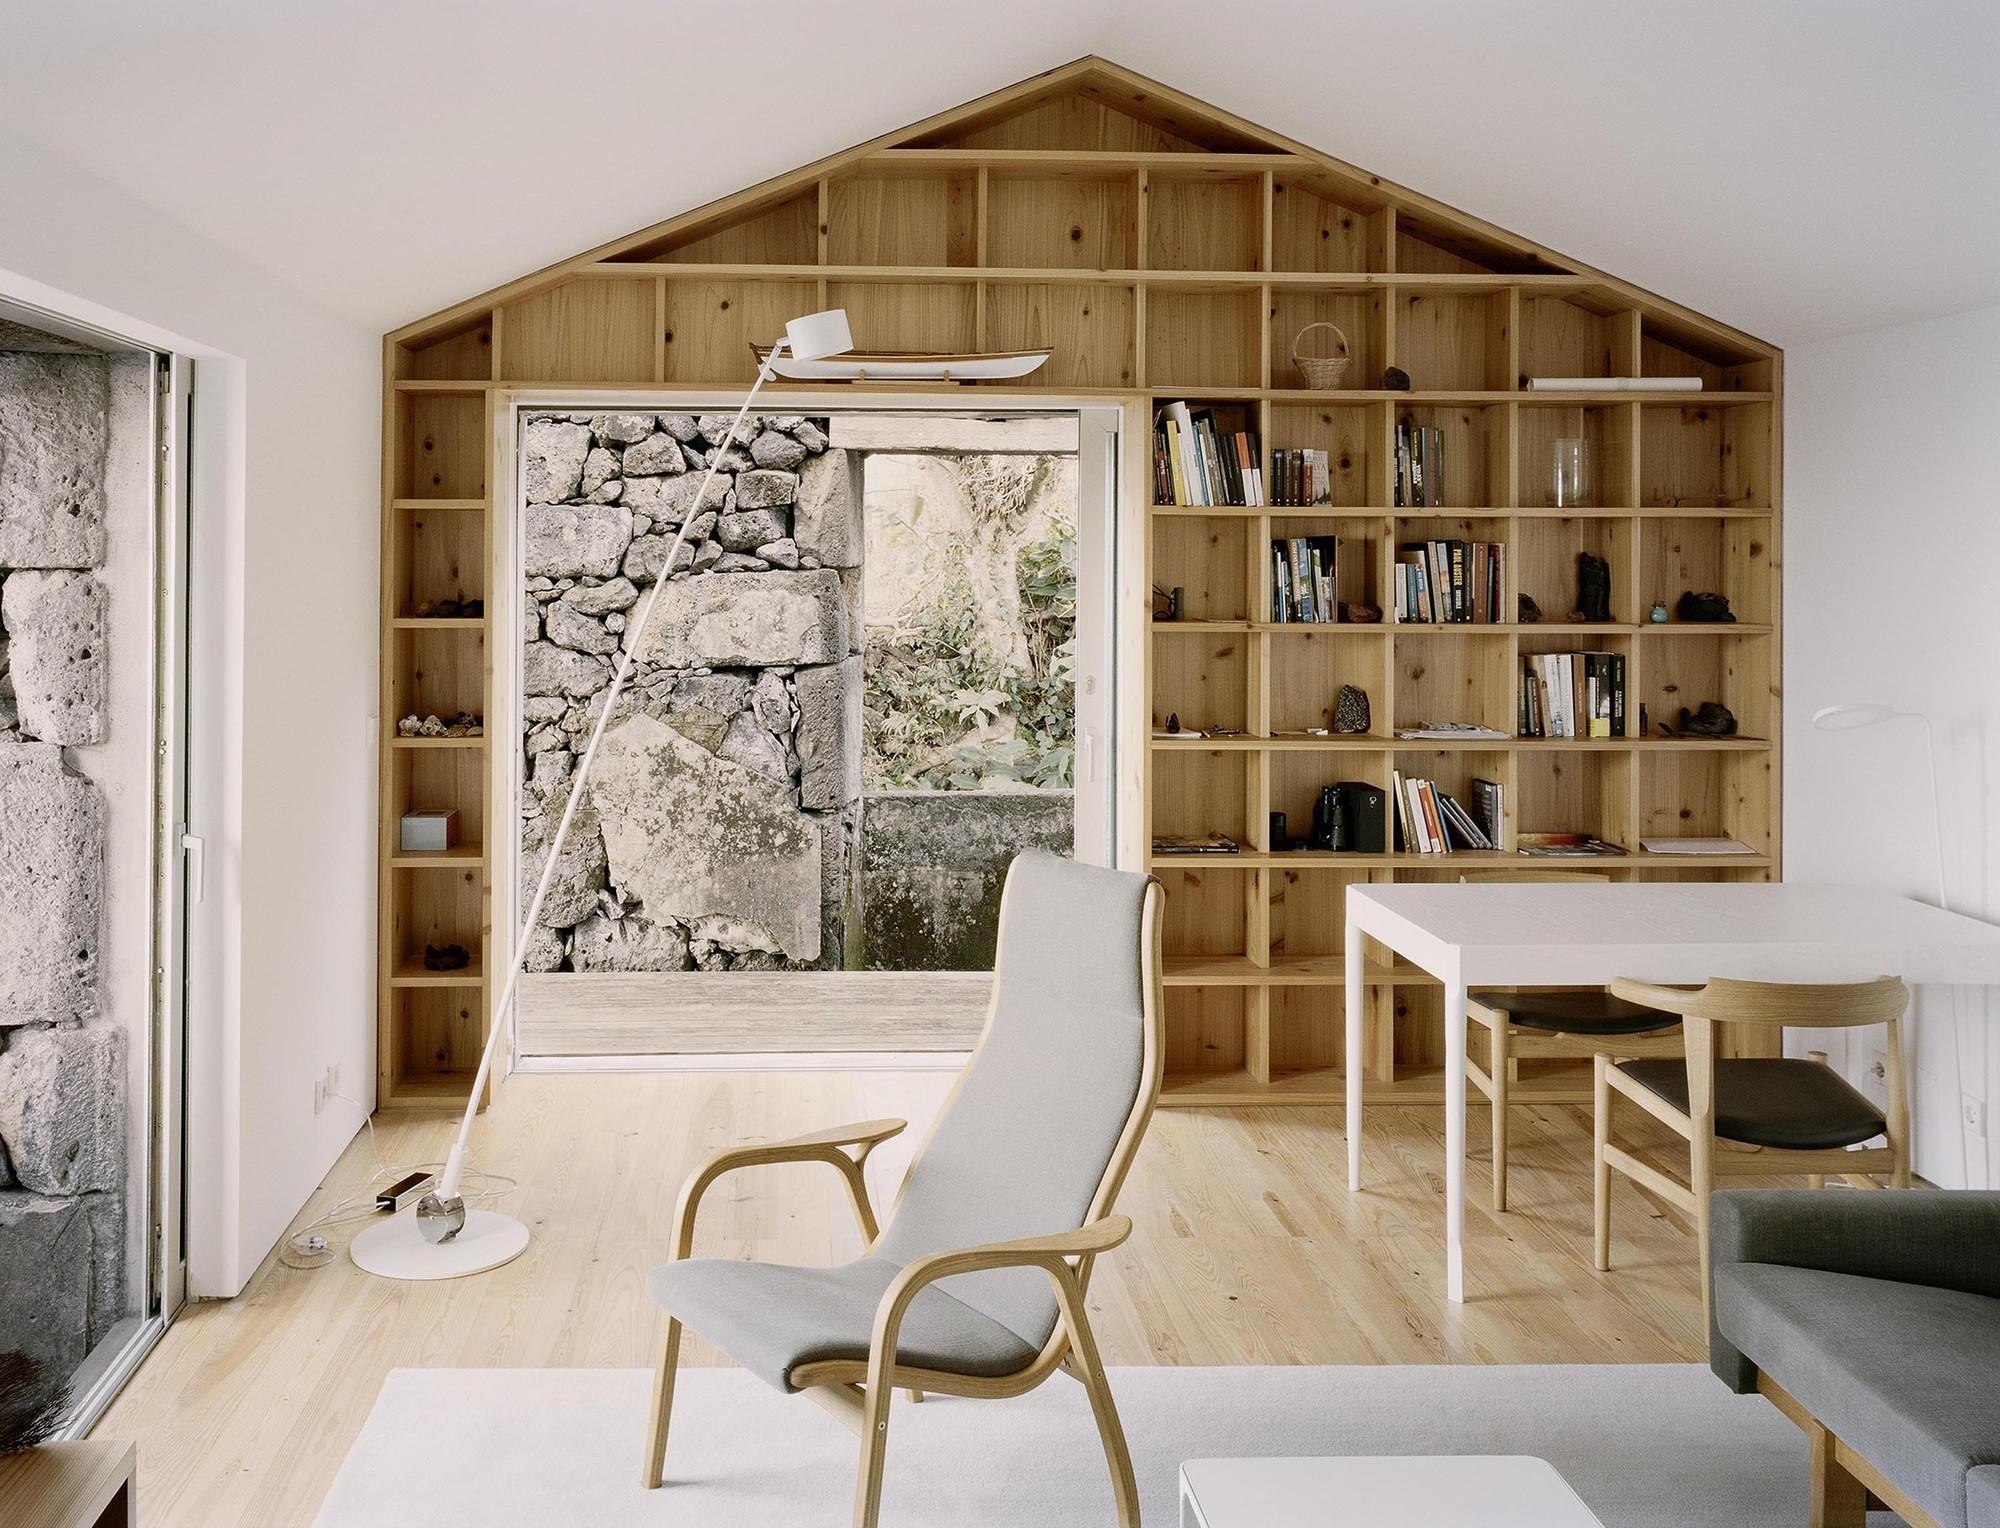 E C Home Design Part - 36: Paulo Catrica